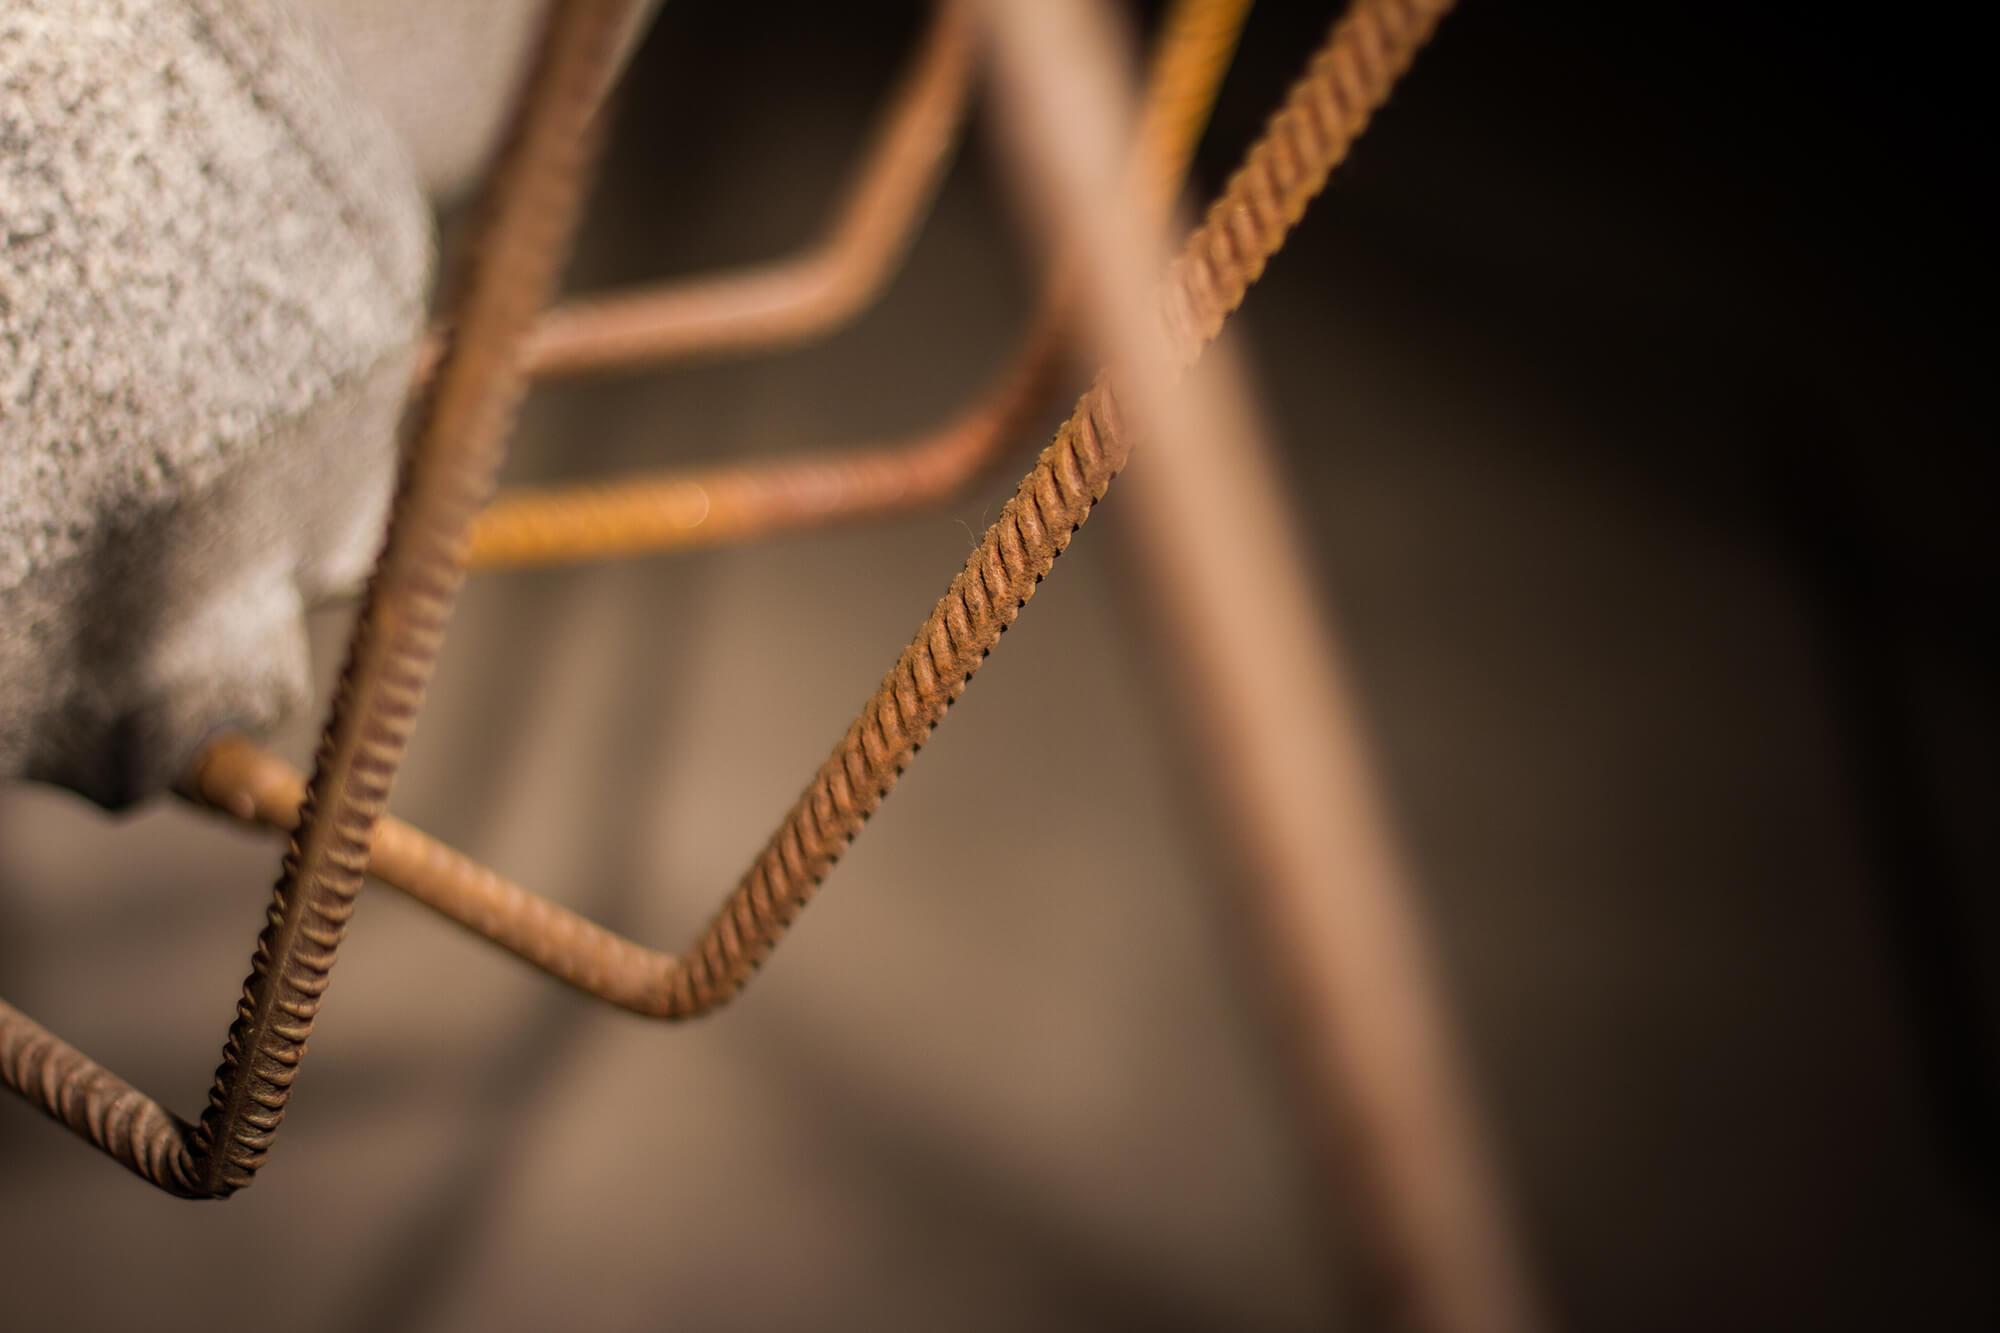 Stahlbeine Detailaufnahme